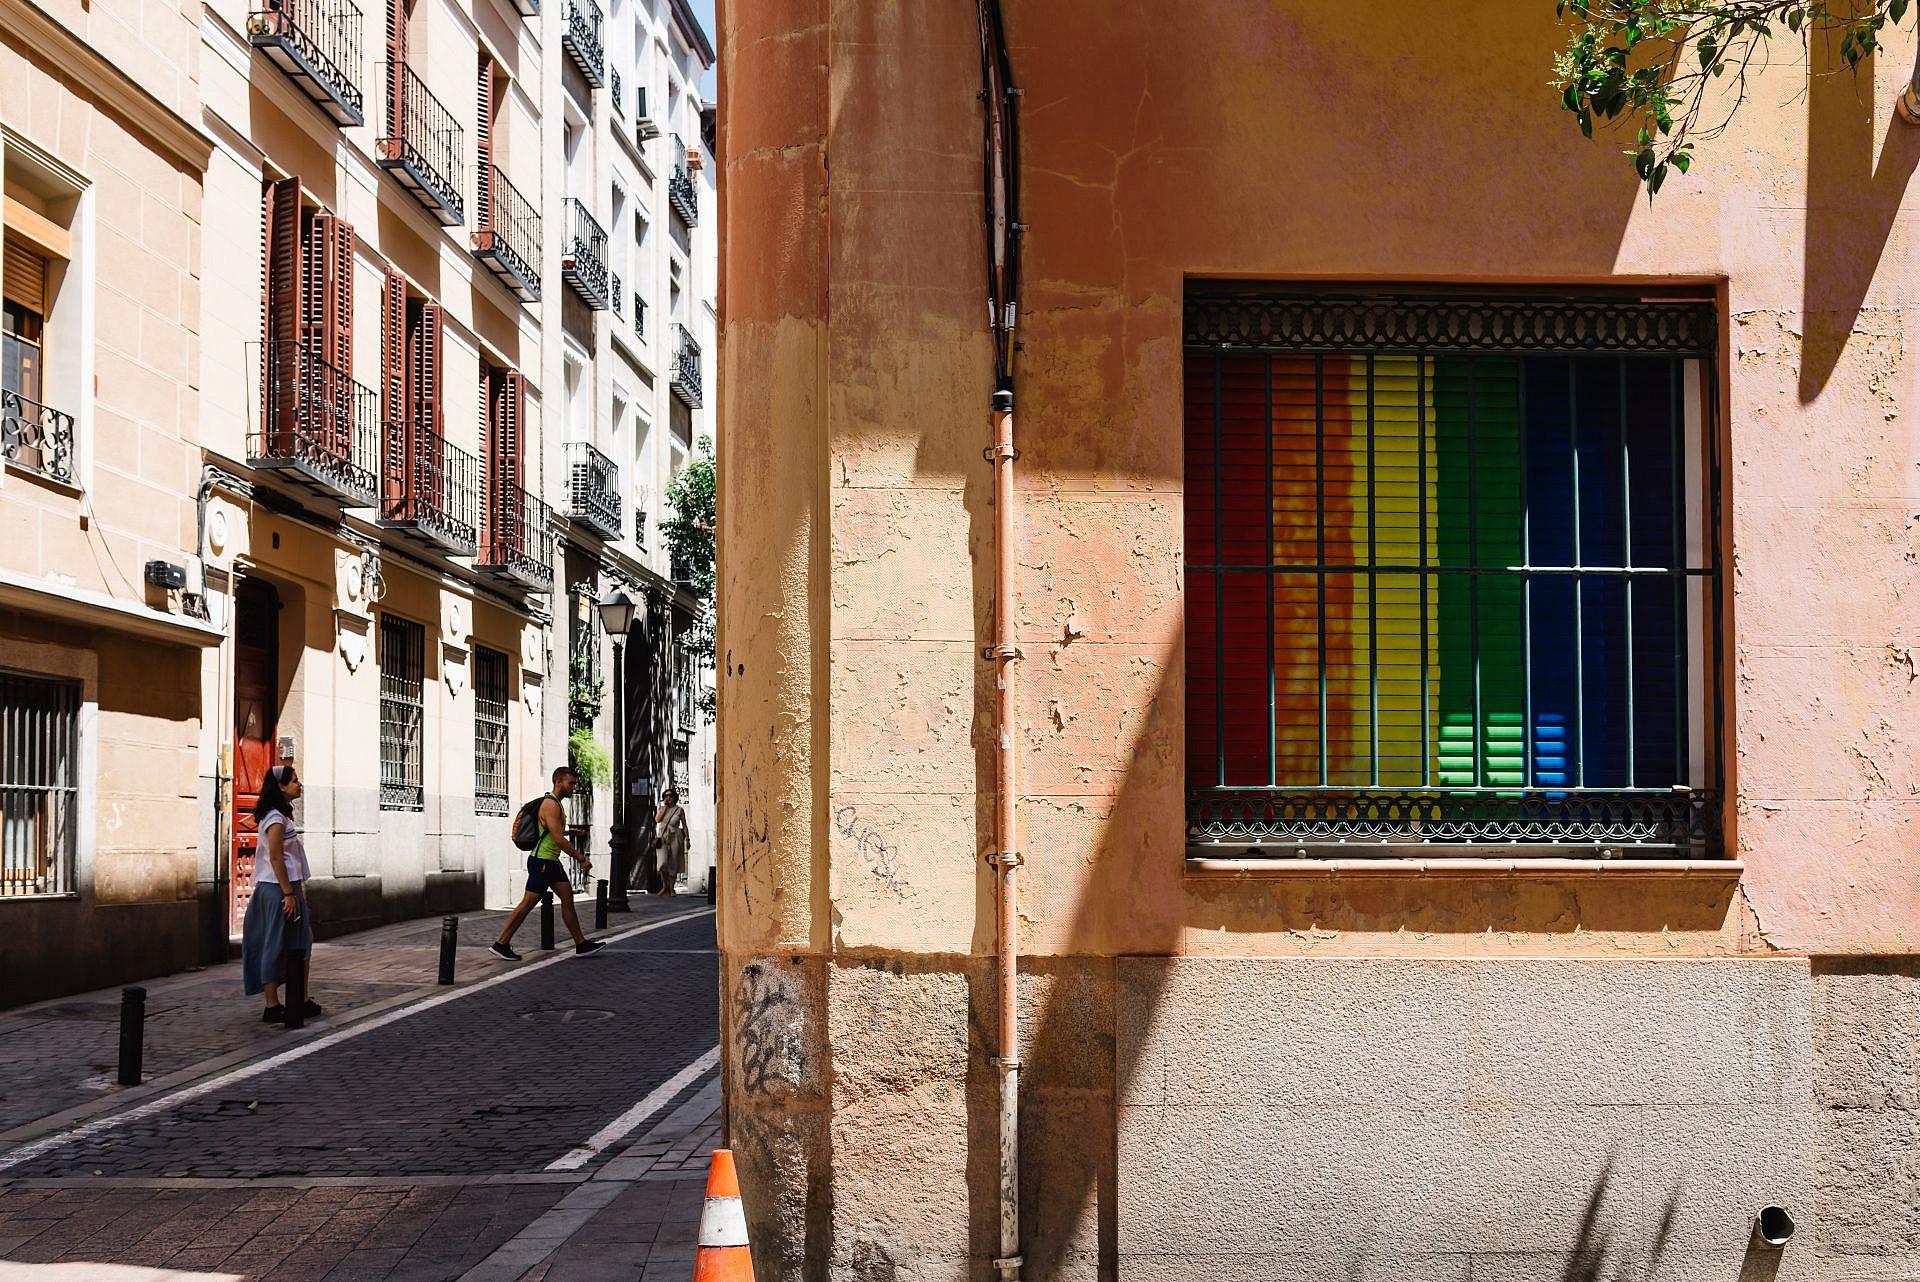 """ג'נטריפיקציה להט""""בית בשכונת מלאסאנה הרב-תרבותית במדריד (צילום: שאטרסטוק)"""